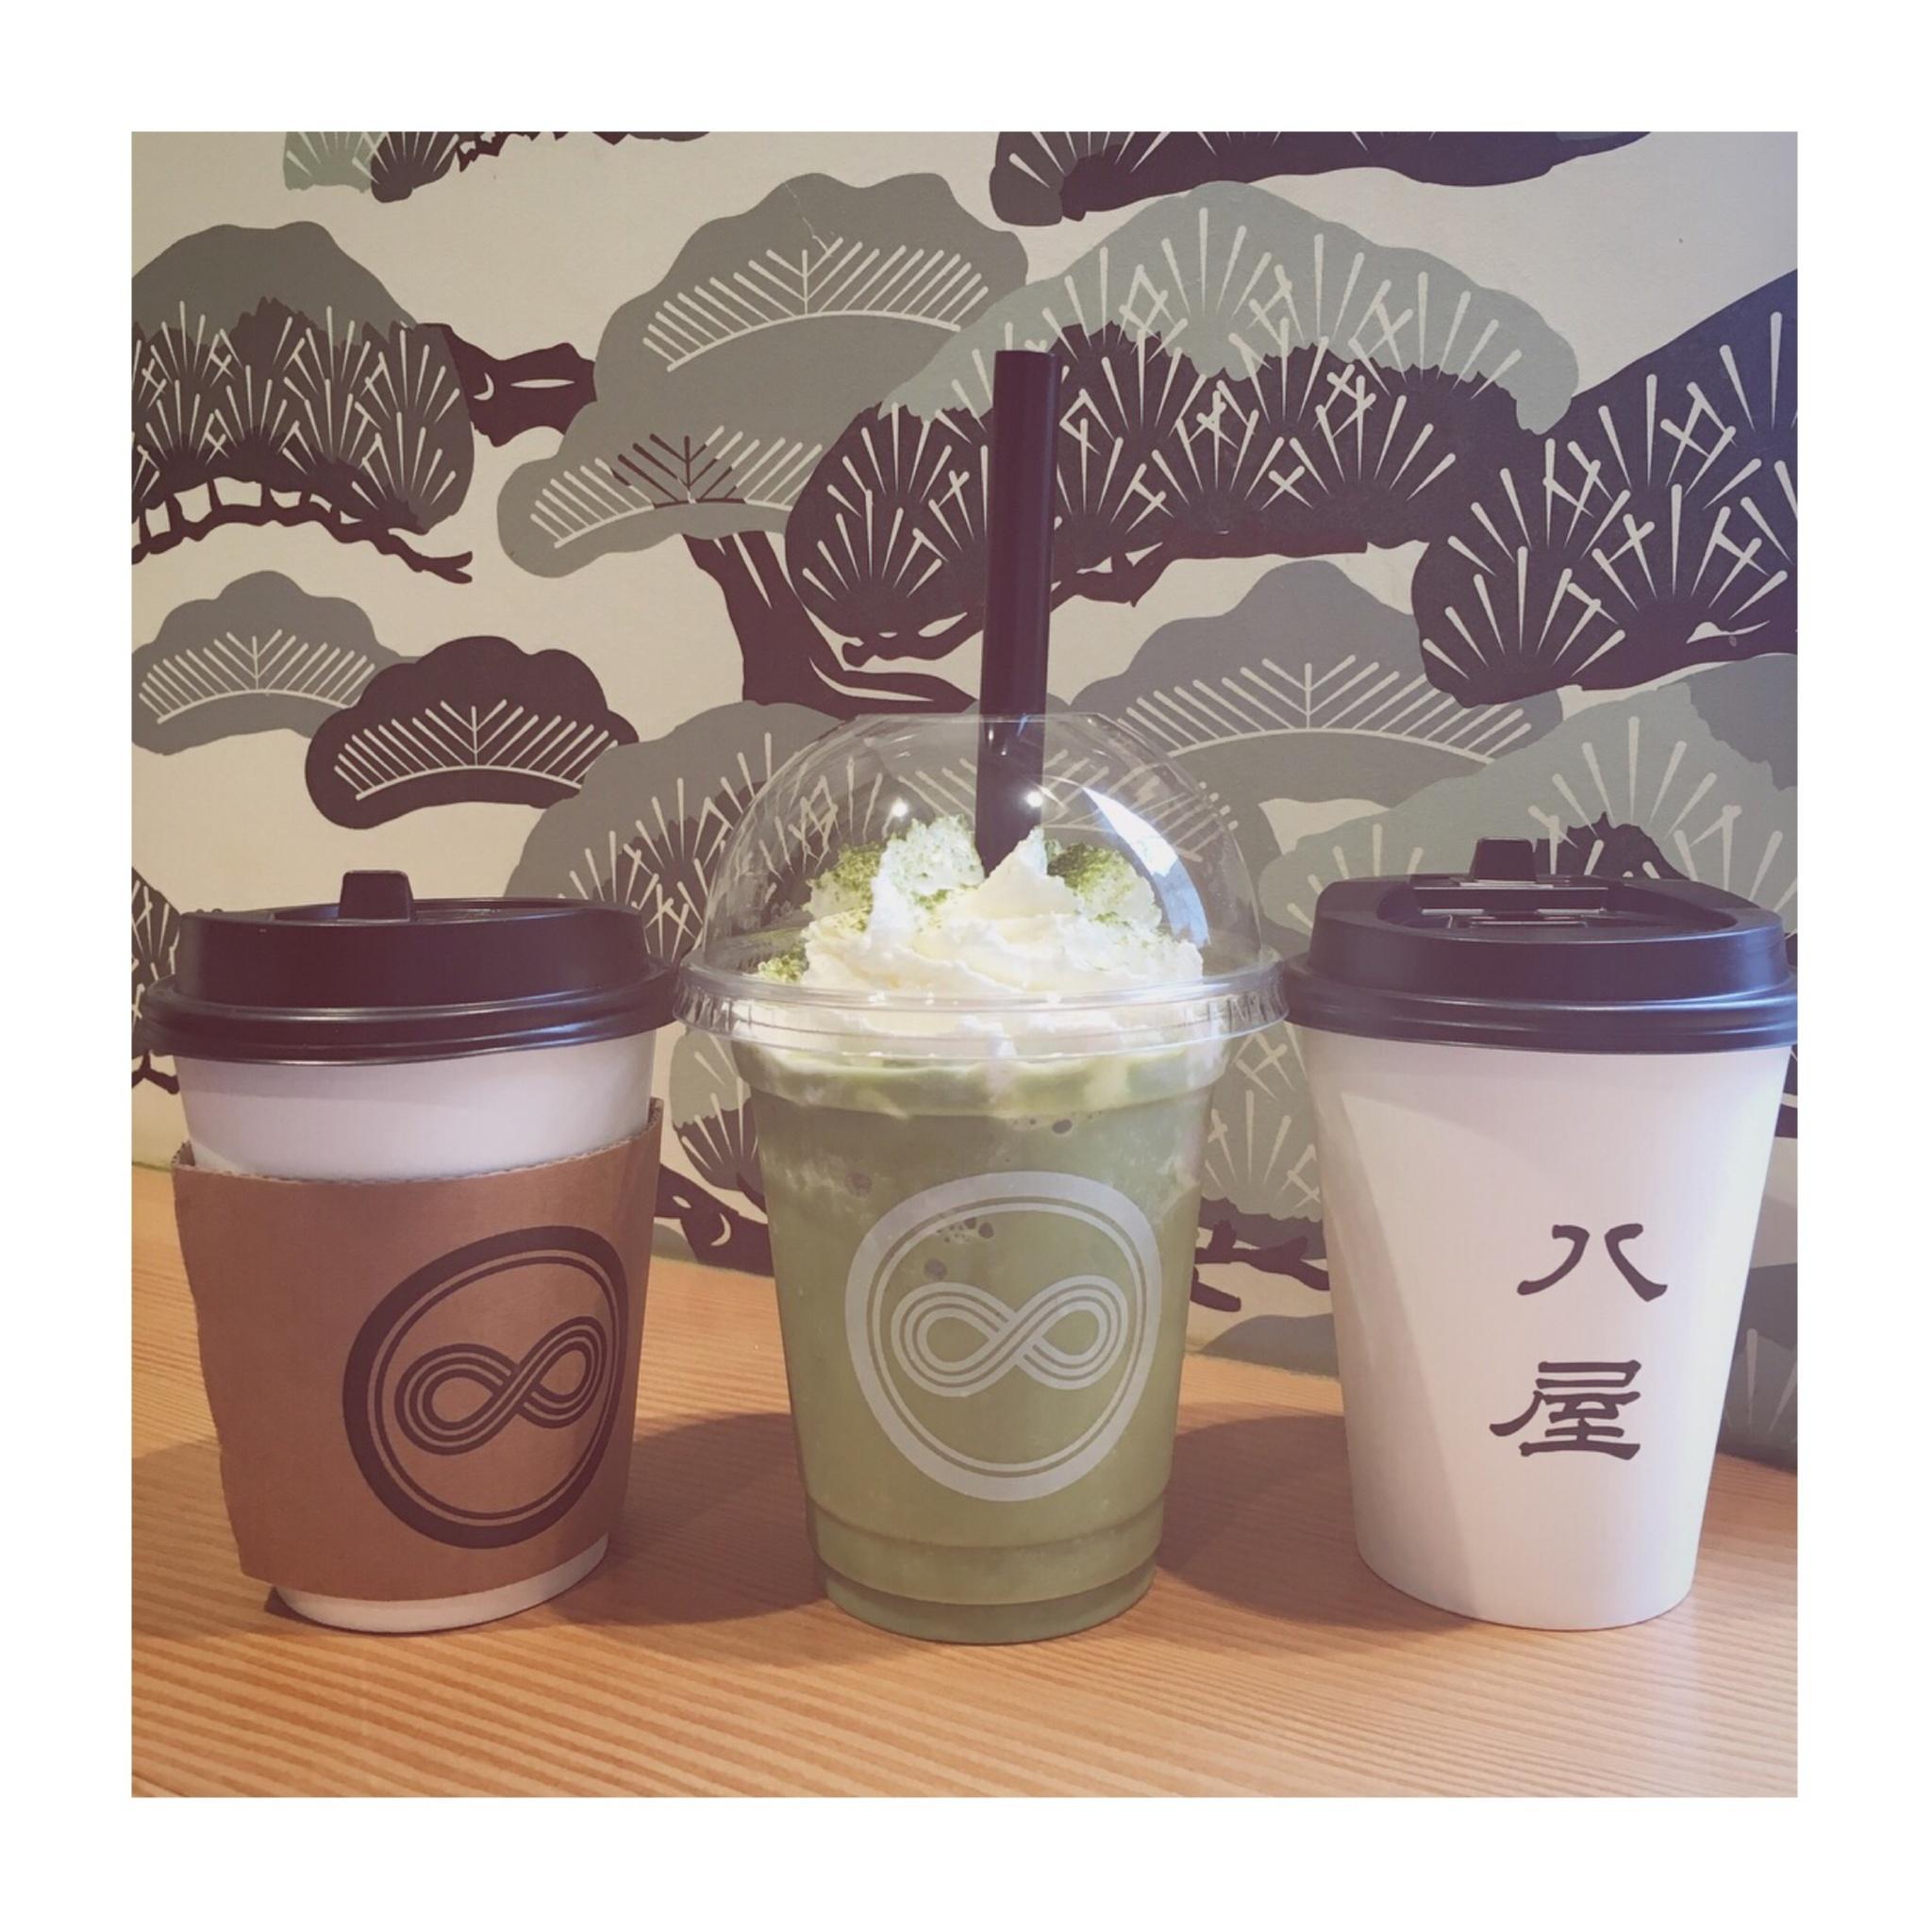 #9【#cafestagram】❤️:《代官山》の日本茶スタンドカフェ「八屋」で和モダンなカフェタイムを☻♡!_3